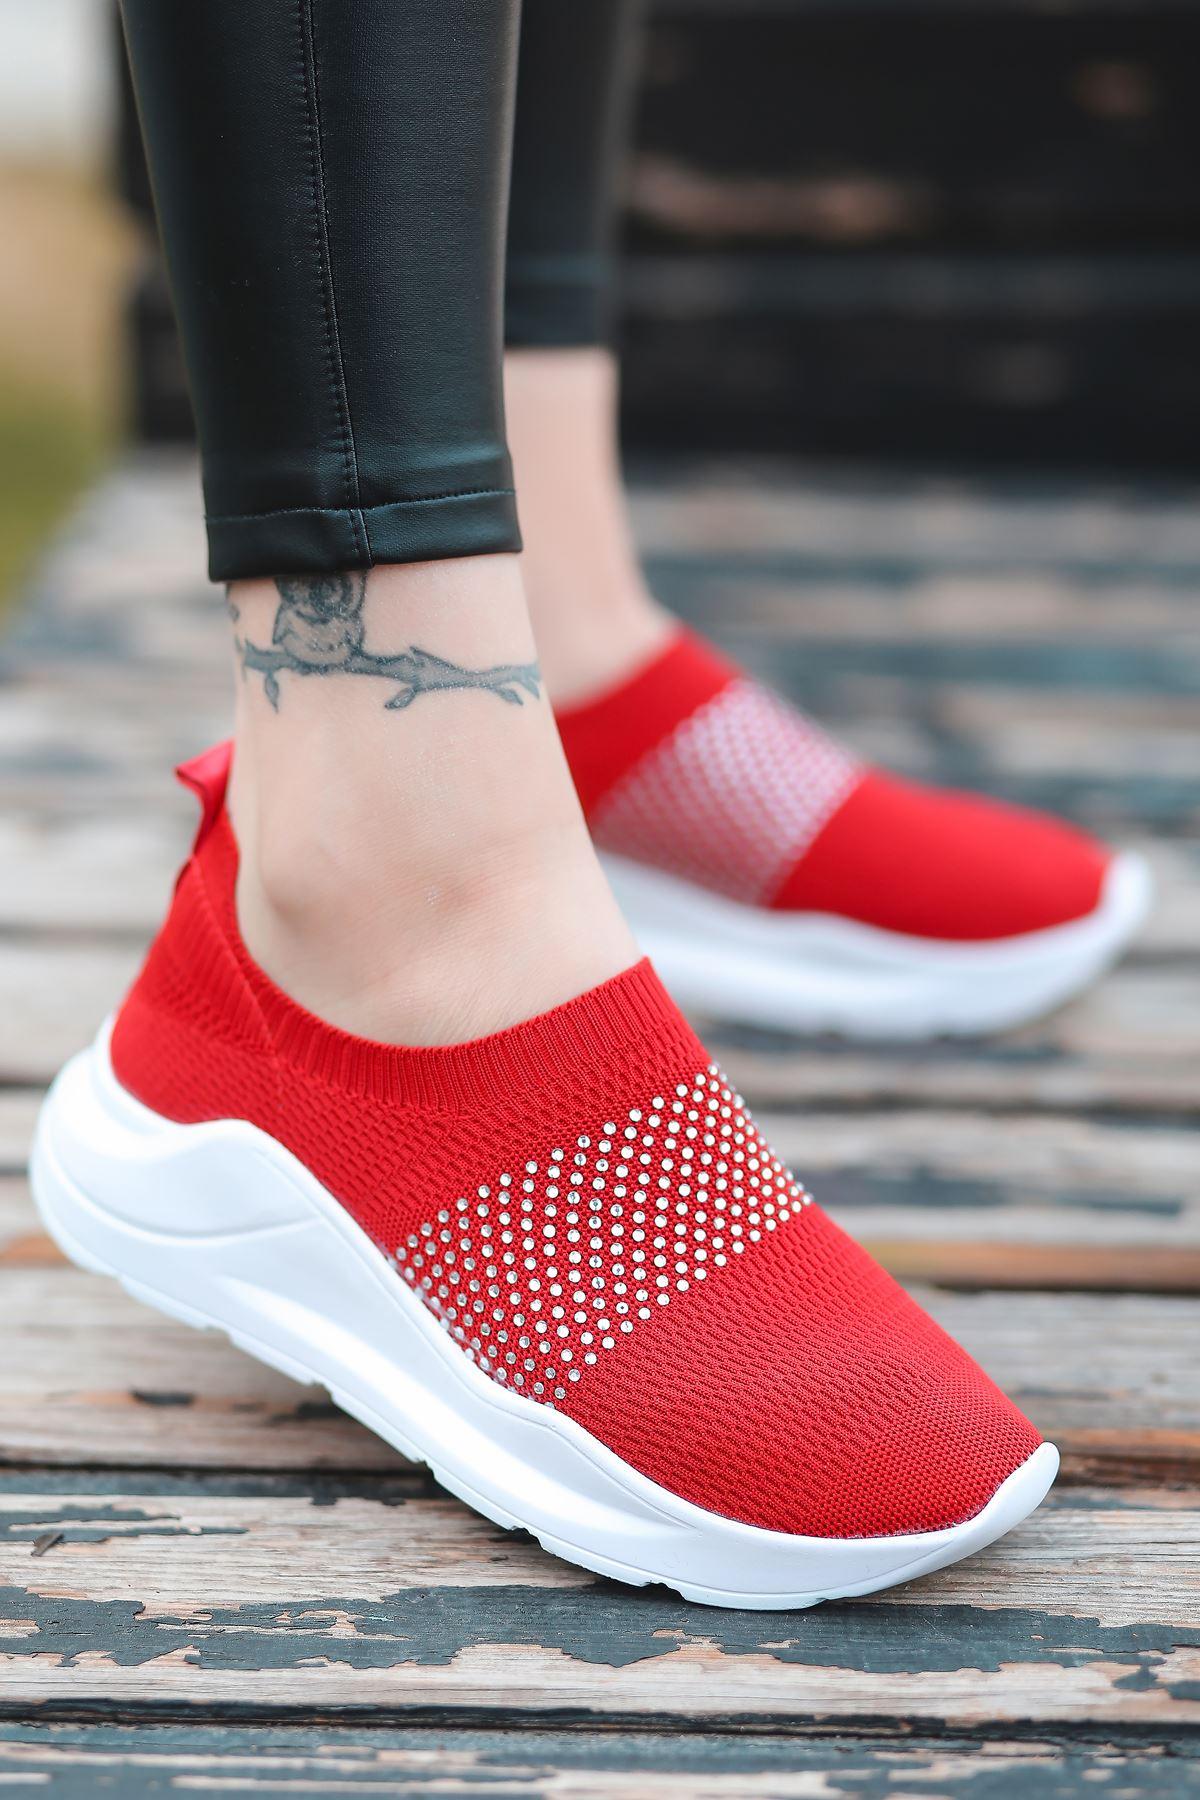 Mile Taş Detaylı Kırmızı Triko Kadın Spor Ayakkabı